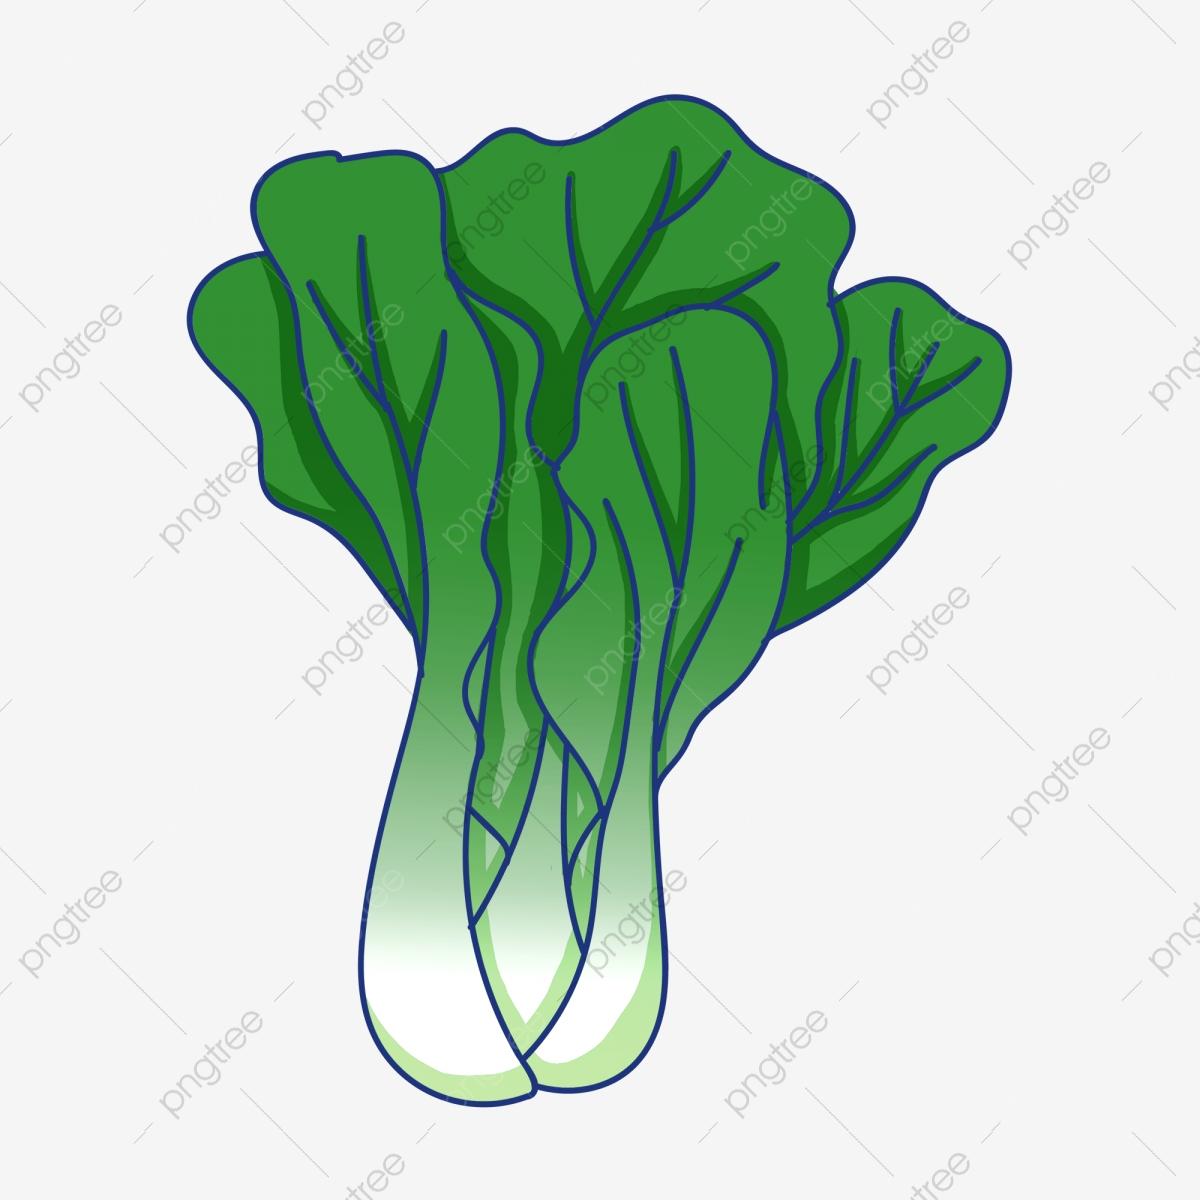 Lettuce Green Leafy Vegetables, Vegetables Clipart, Lettuce, Green.